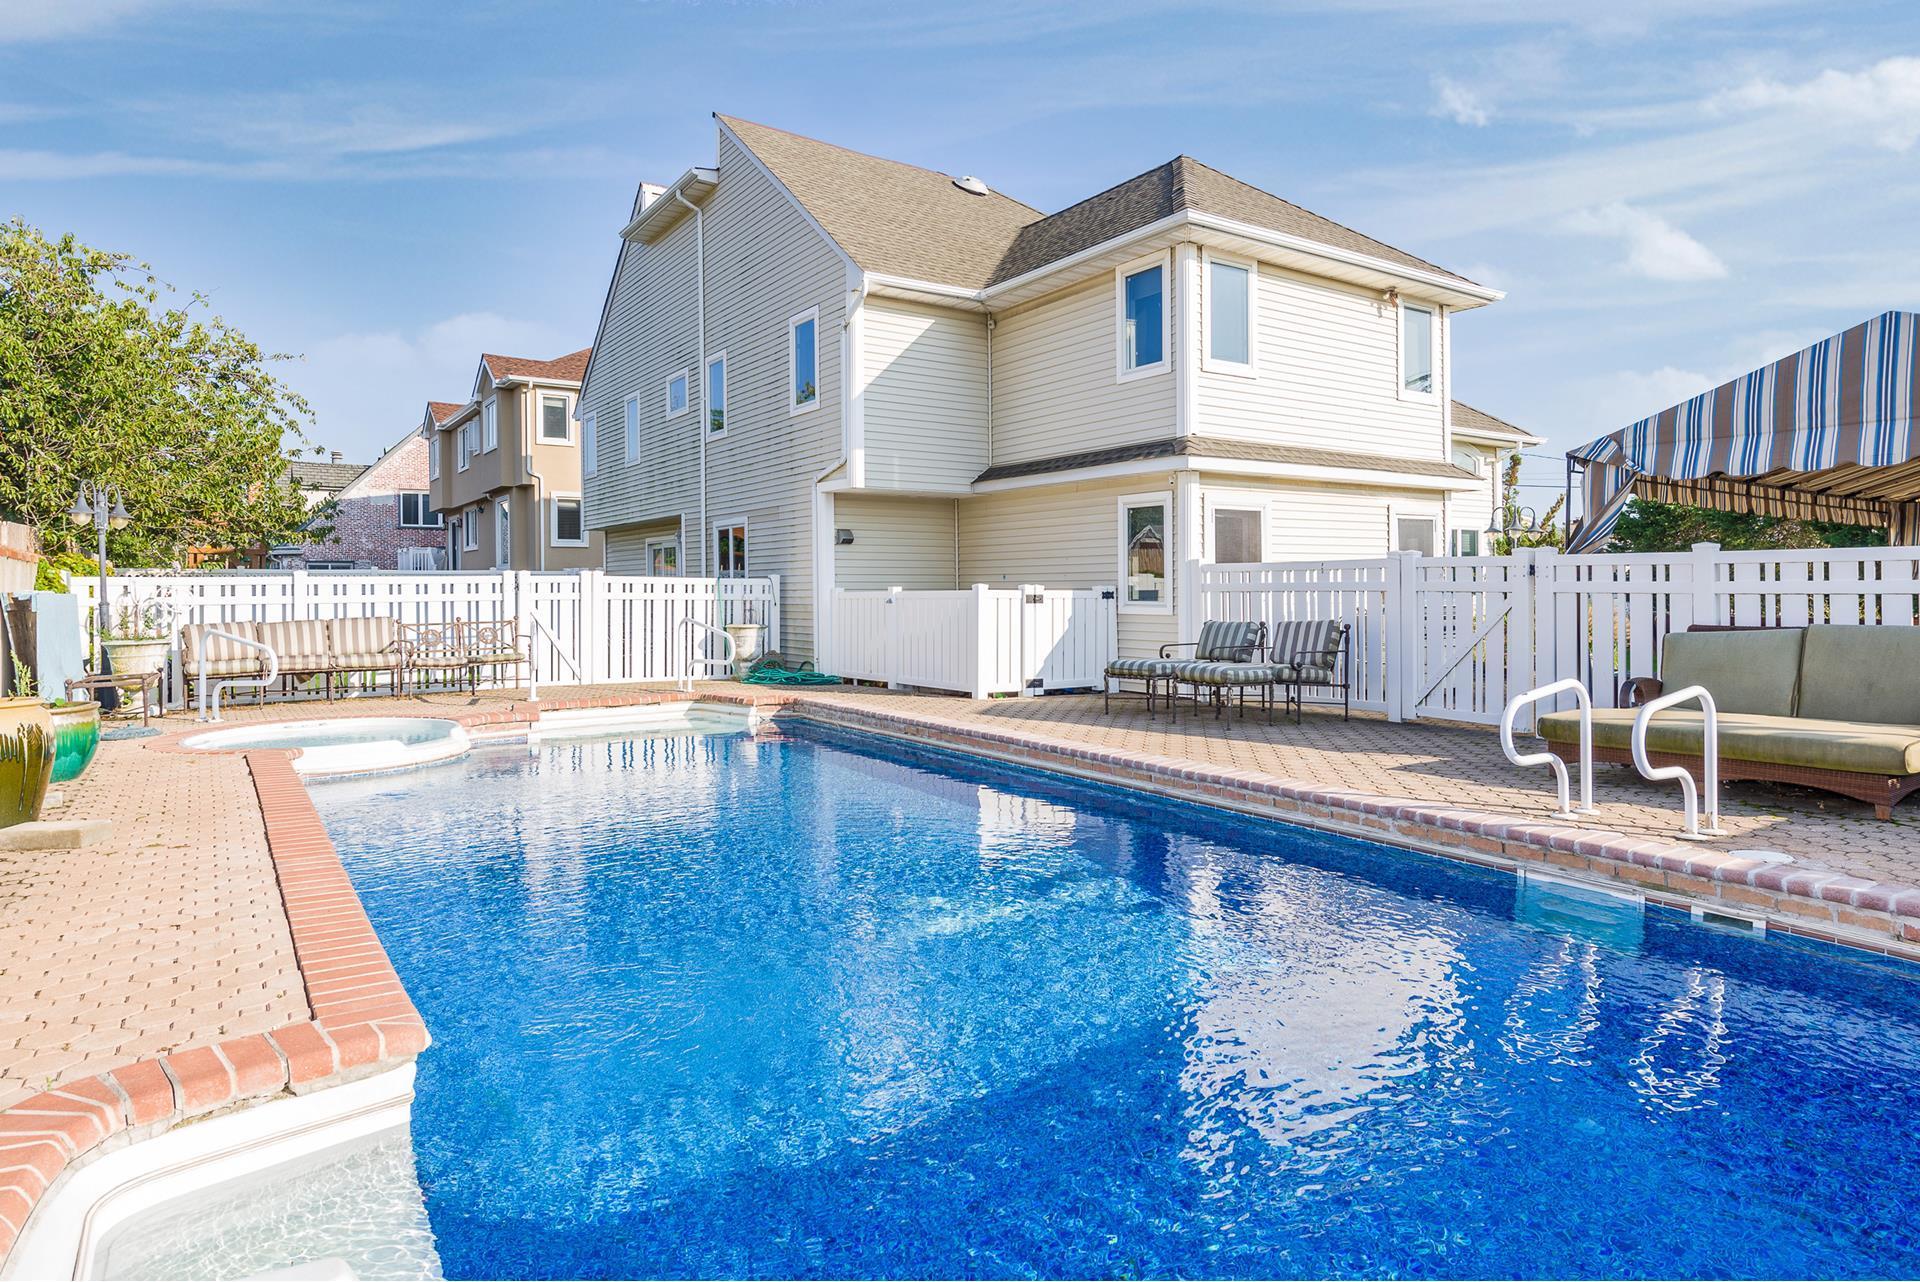 9 Redan Rd, Lido Beach, NY 11561 - Estimate and Home Details | Trulia